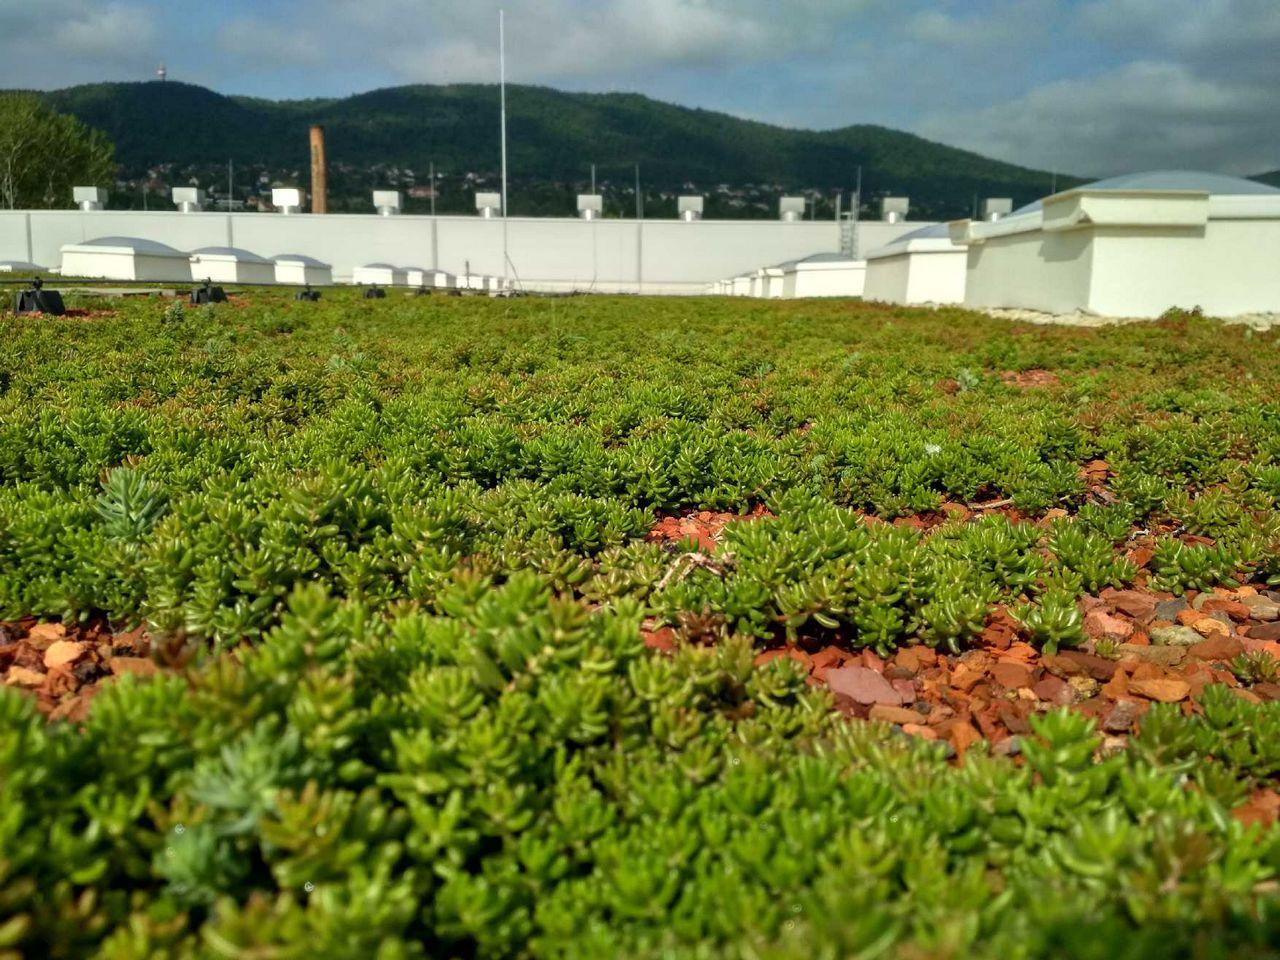 Zöldtetőépítés - Takarítson meg százezreket